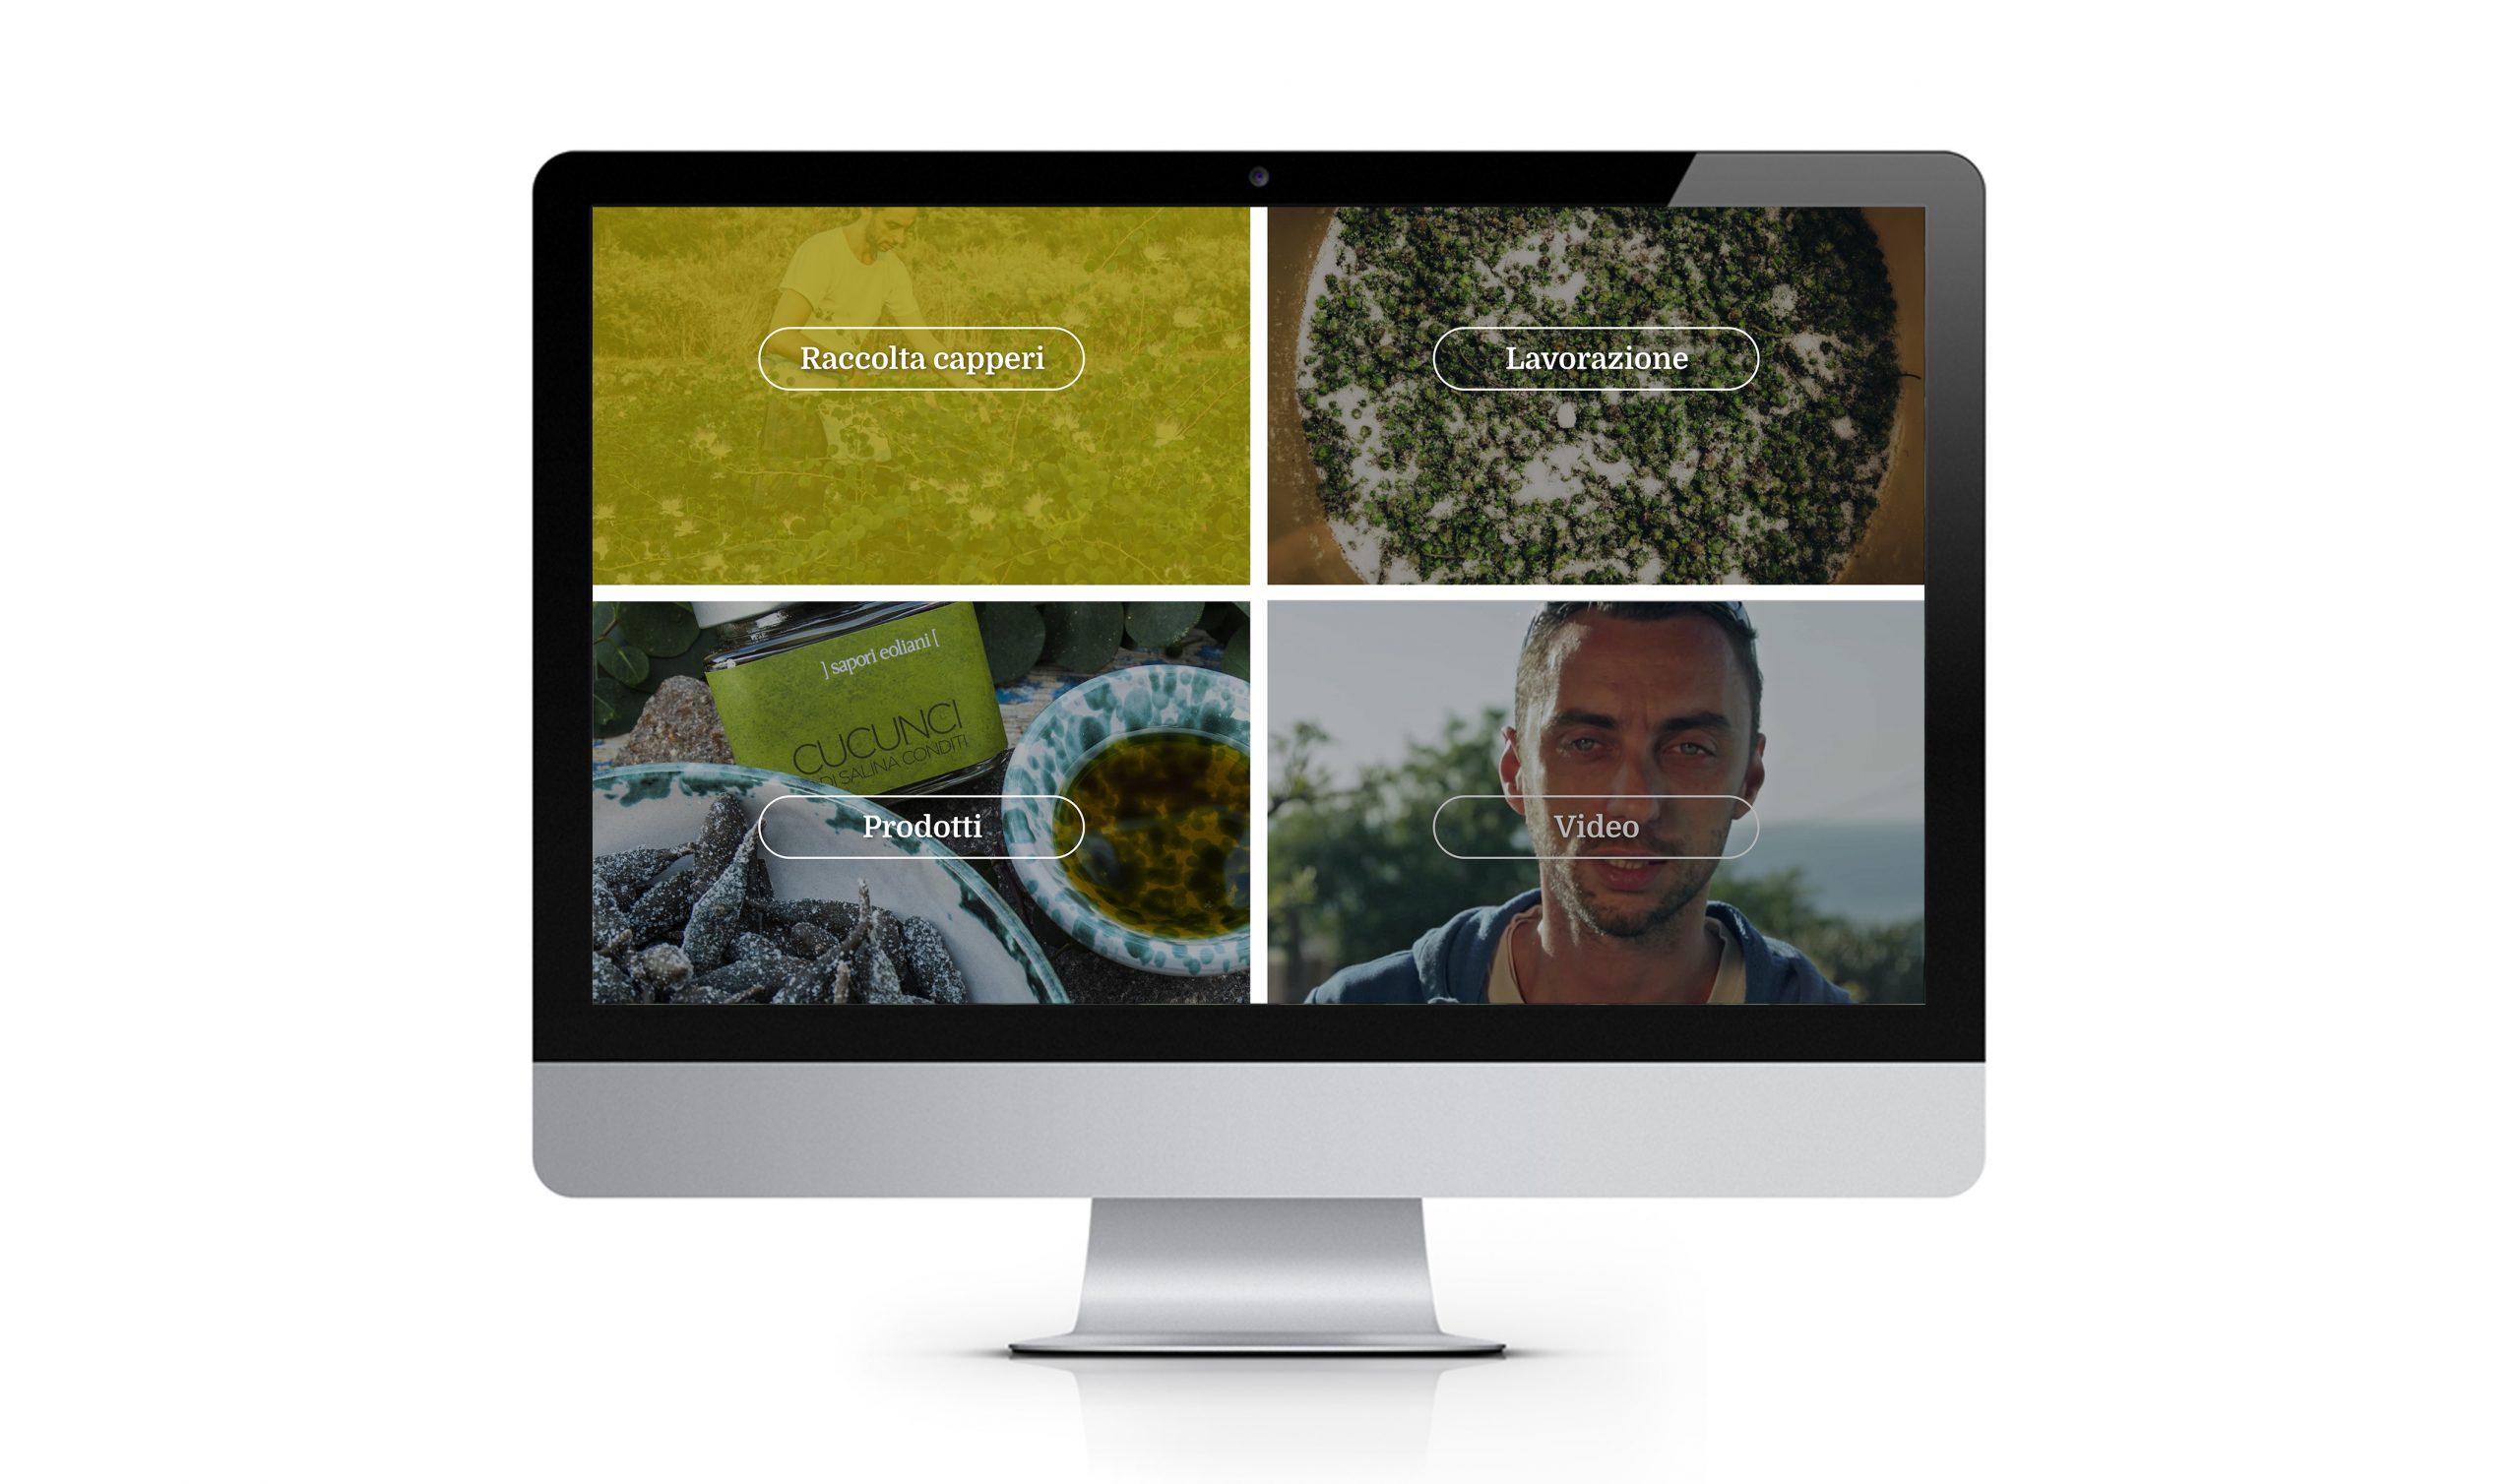 Sito Web - Immagini e video